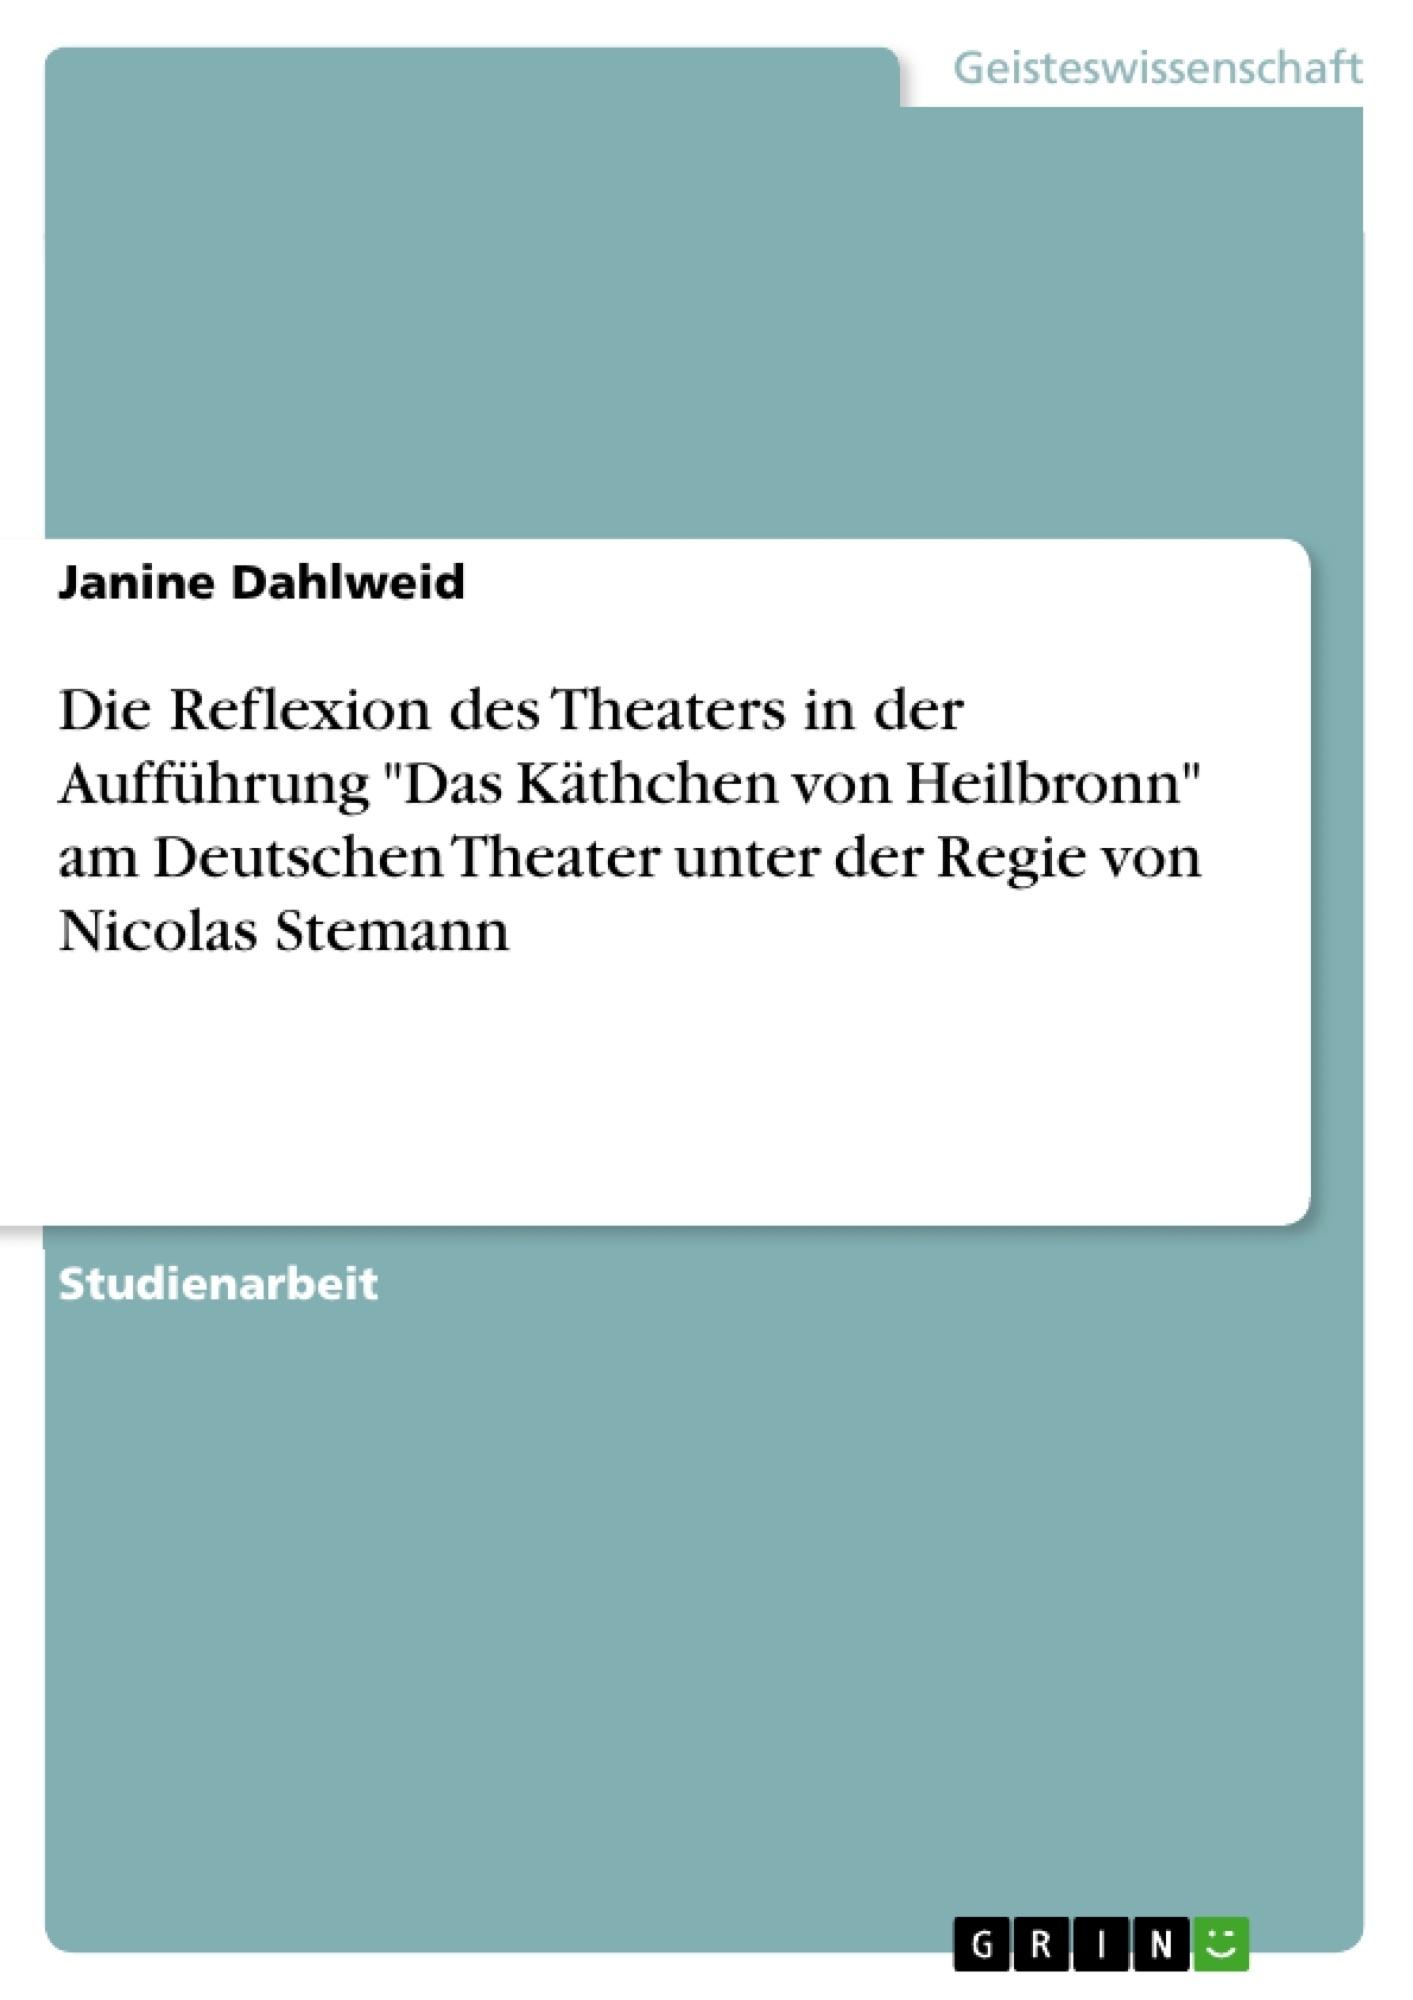 """Titel: Die Reflexion des Theaters in der Aufführung """"Das Käthchen von Heilbronn"""" am Deutschen Theater unter der Regie von Nicolas Stemann"""